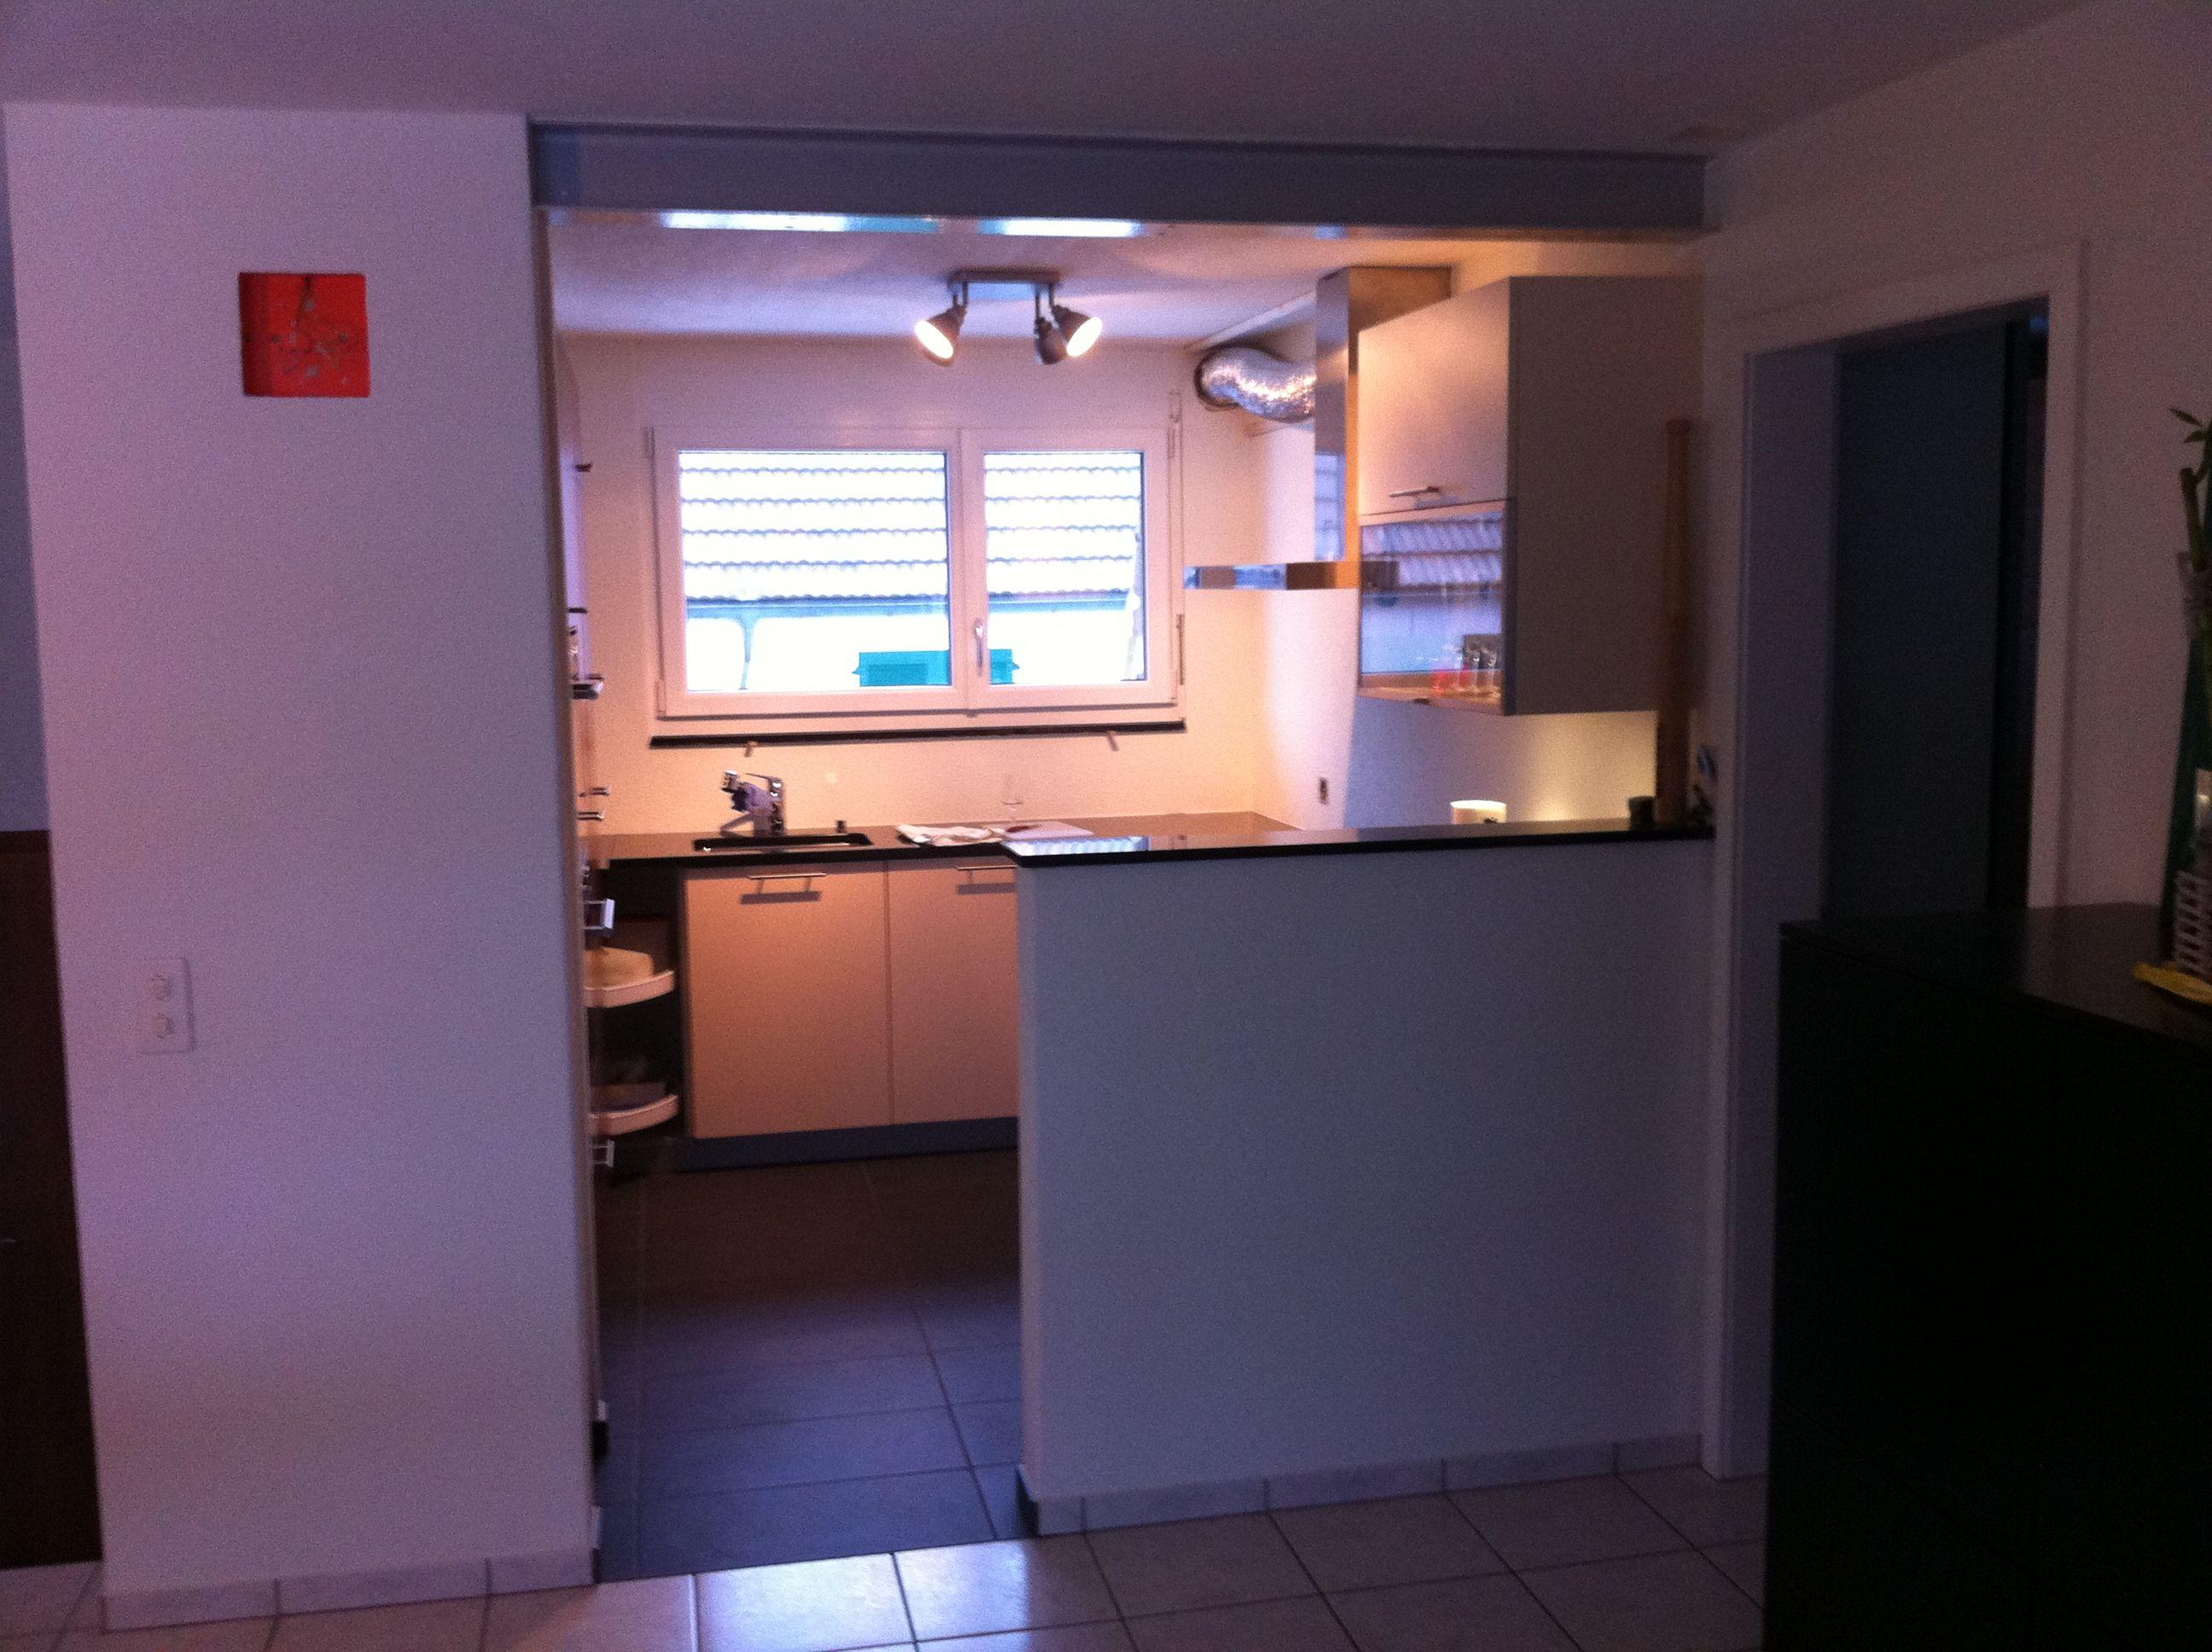 Durchbruch Wohnzimmer Küche Einbaustrahler Küche Anordnung